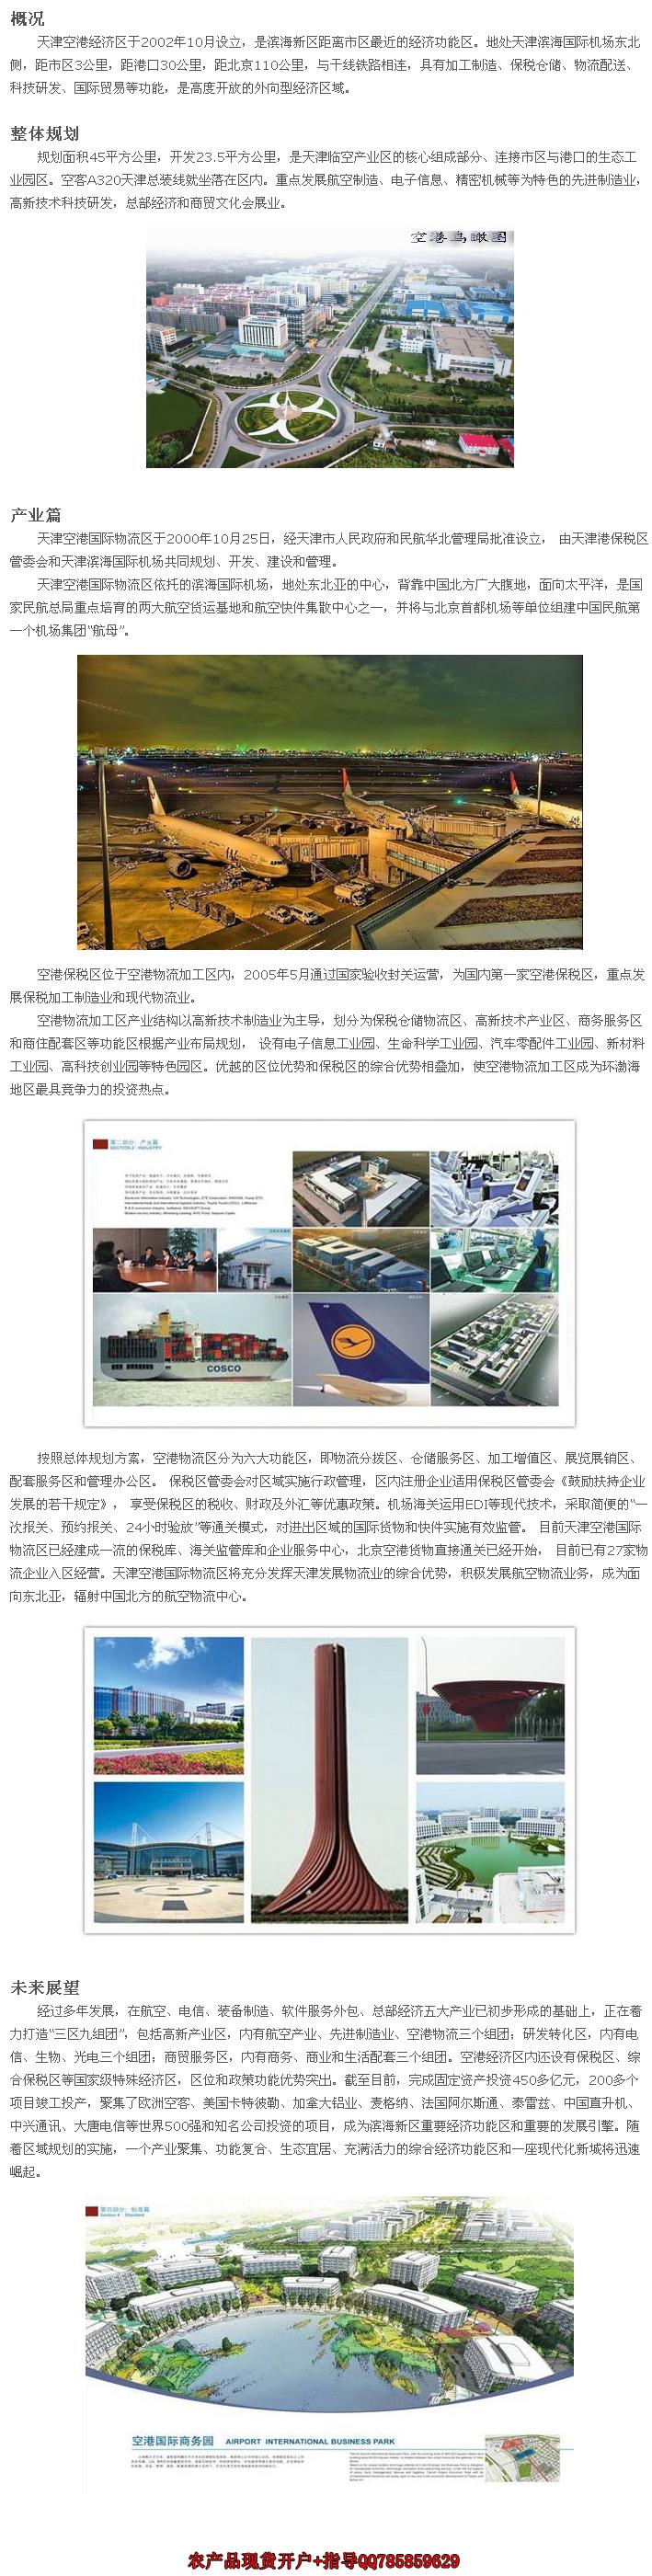 津汇港农产品交易市场简介